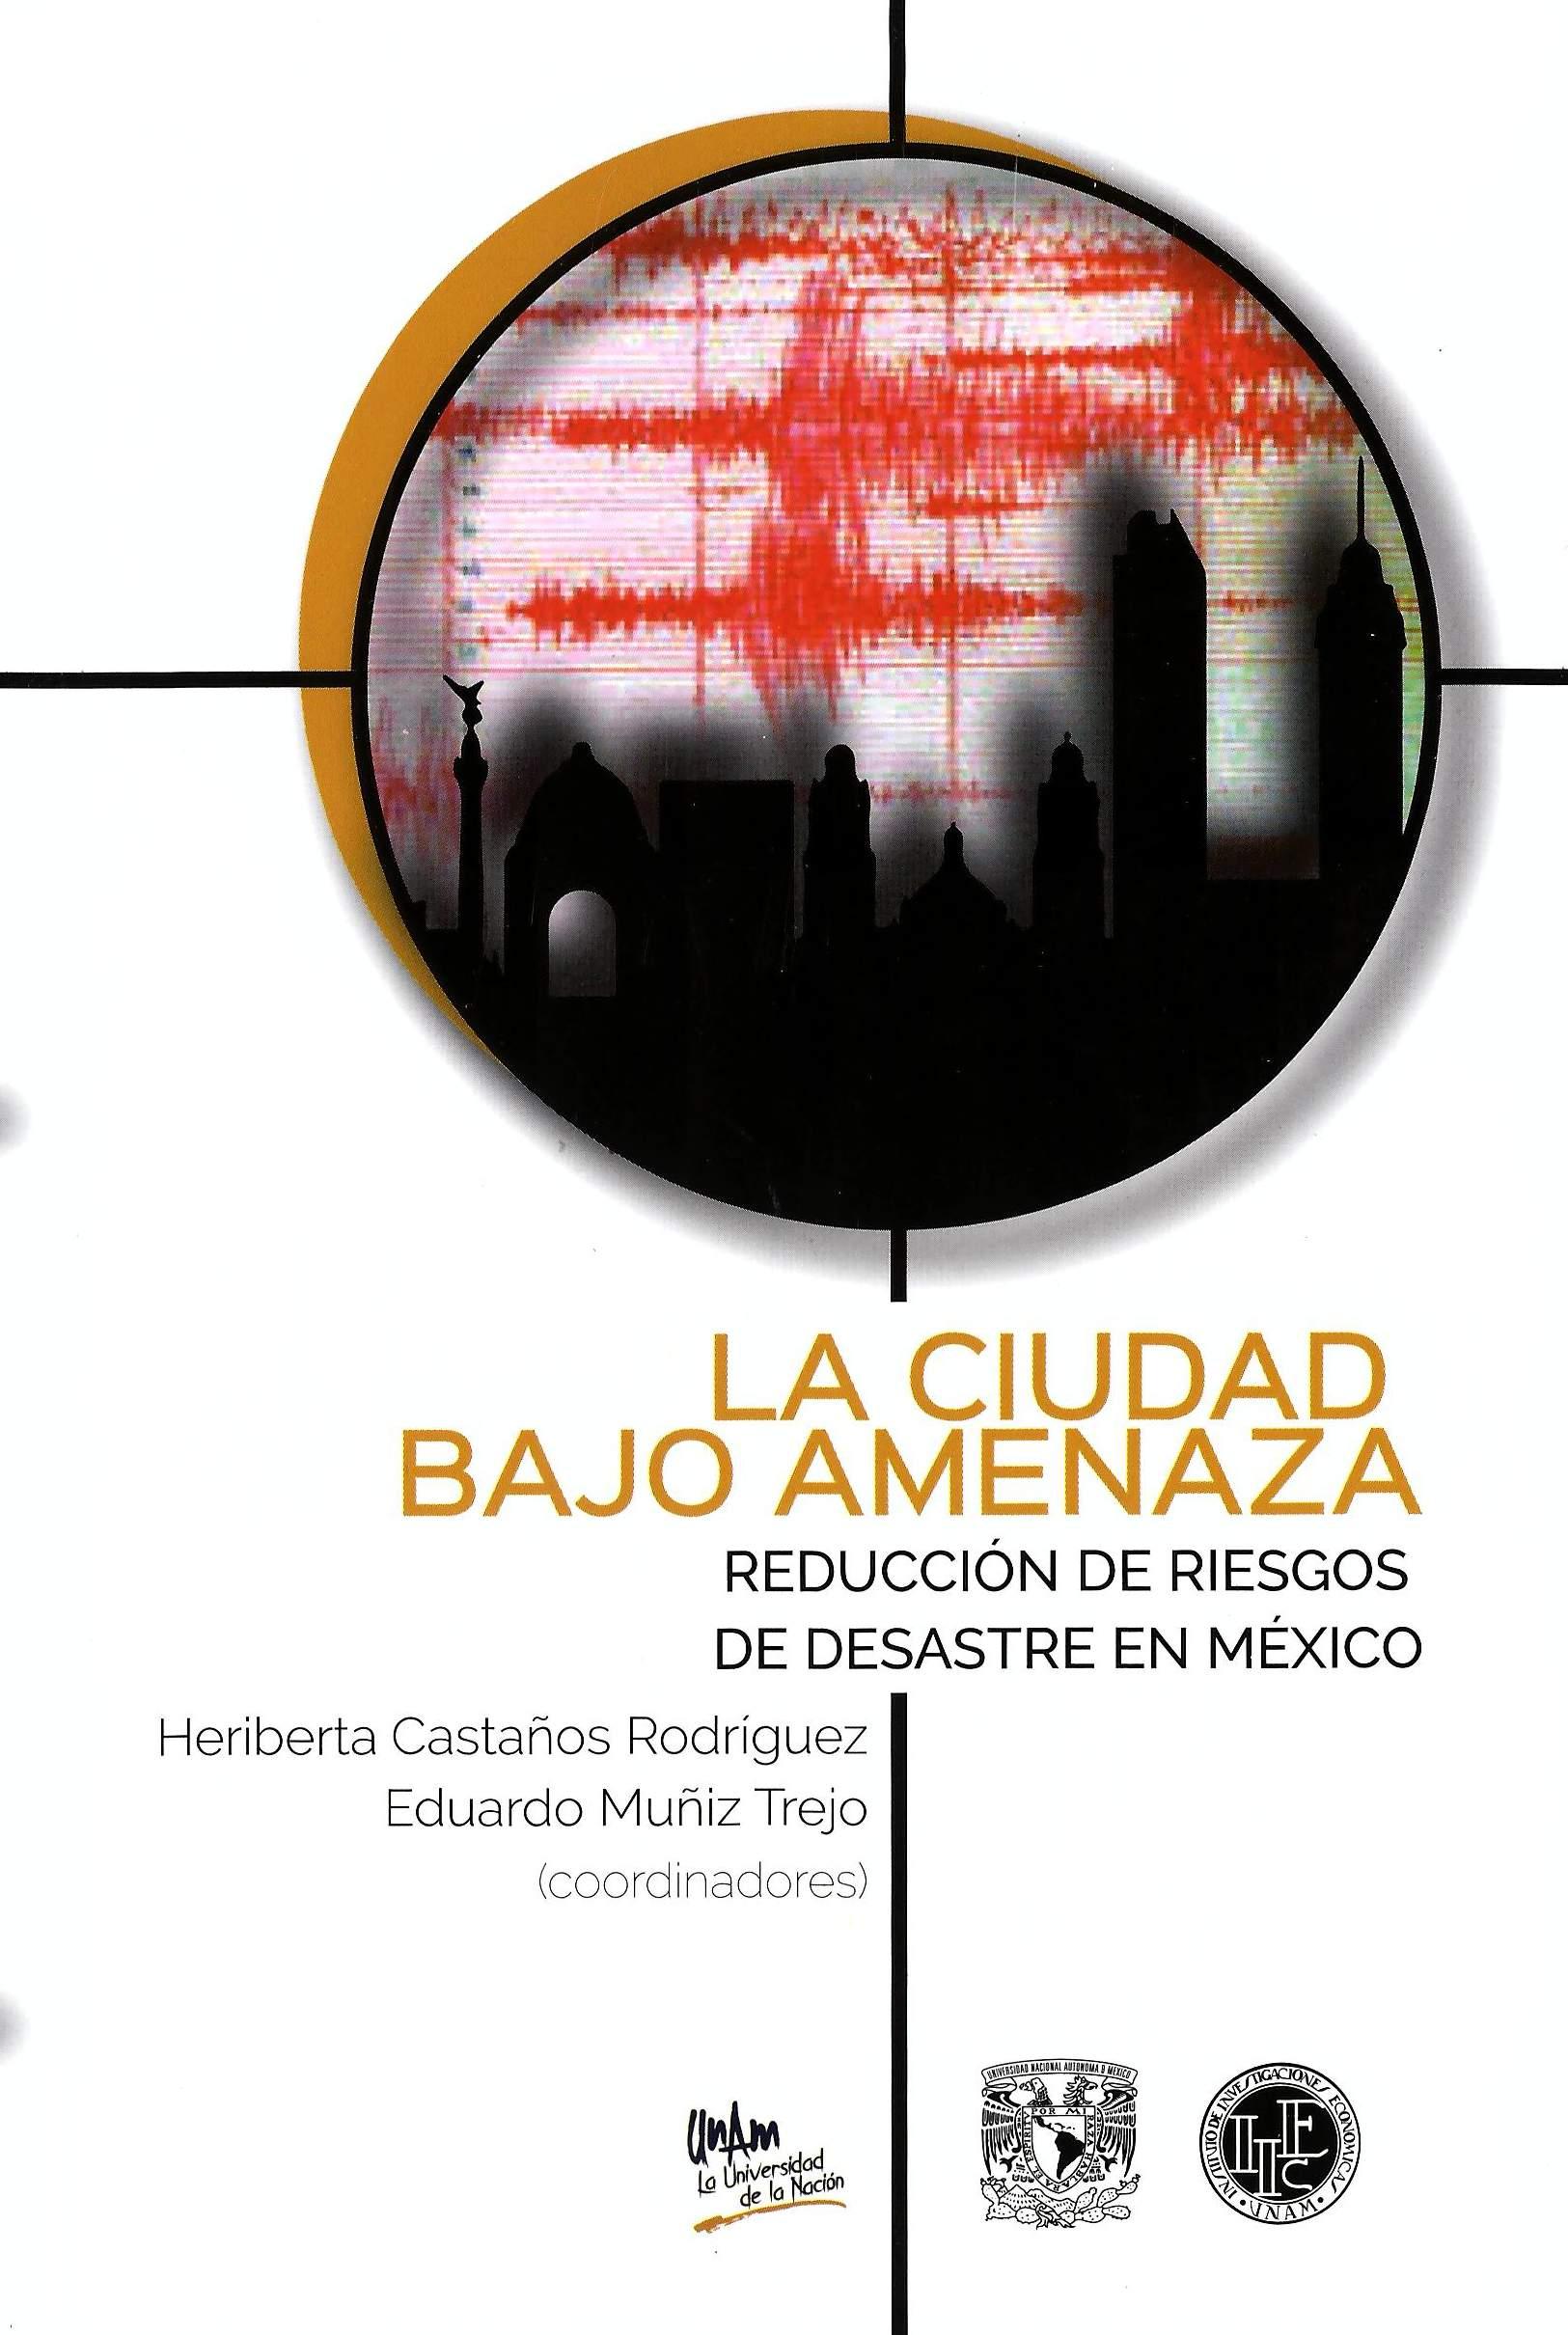 La ciudad bajo amenaza: reducción de riesgos de desastre en México